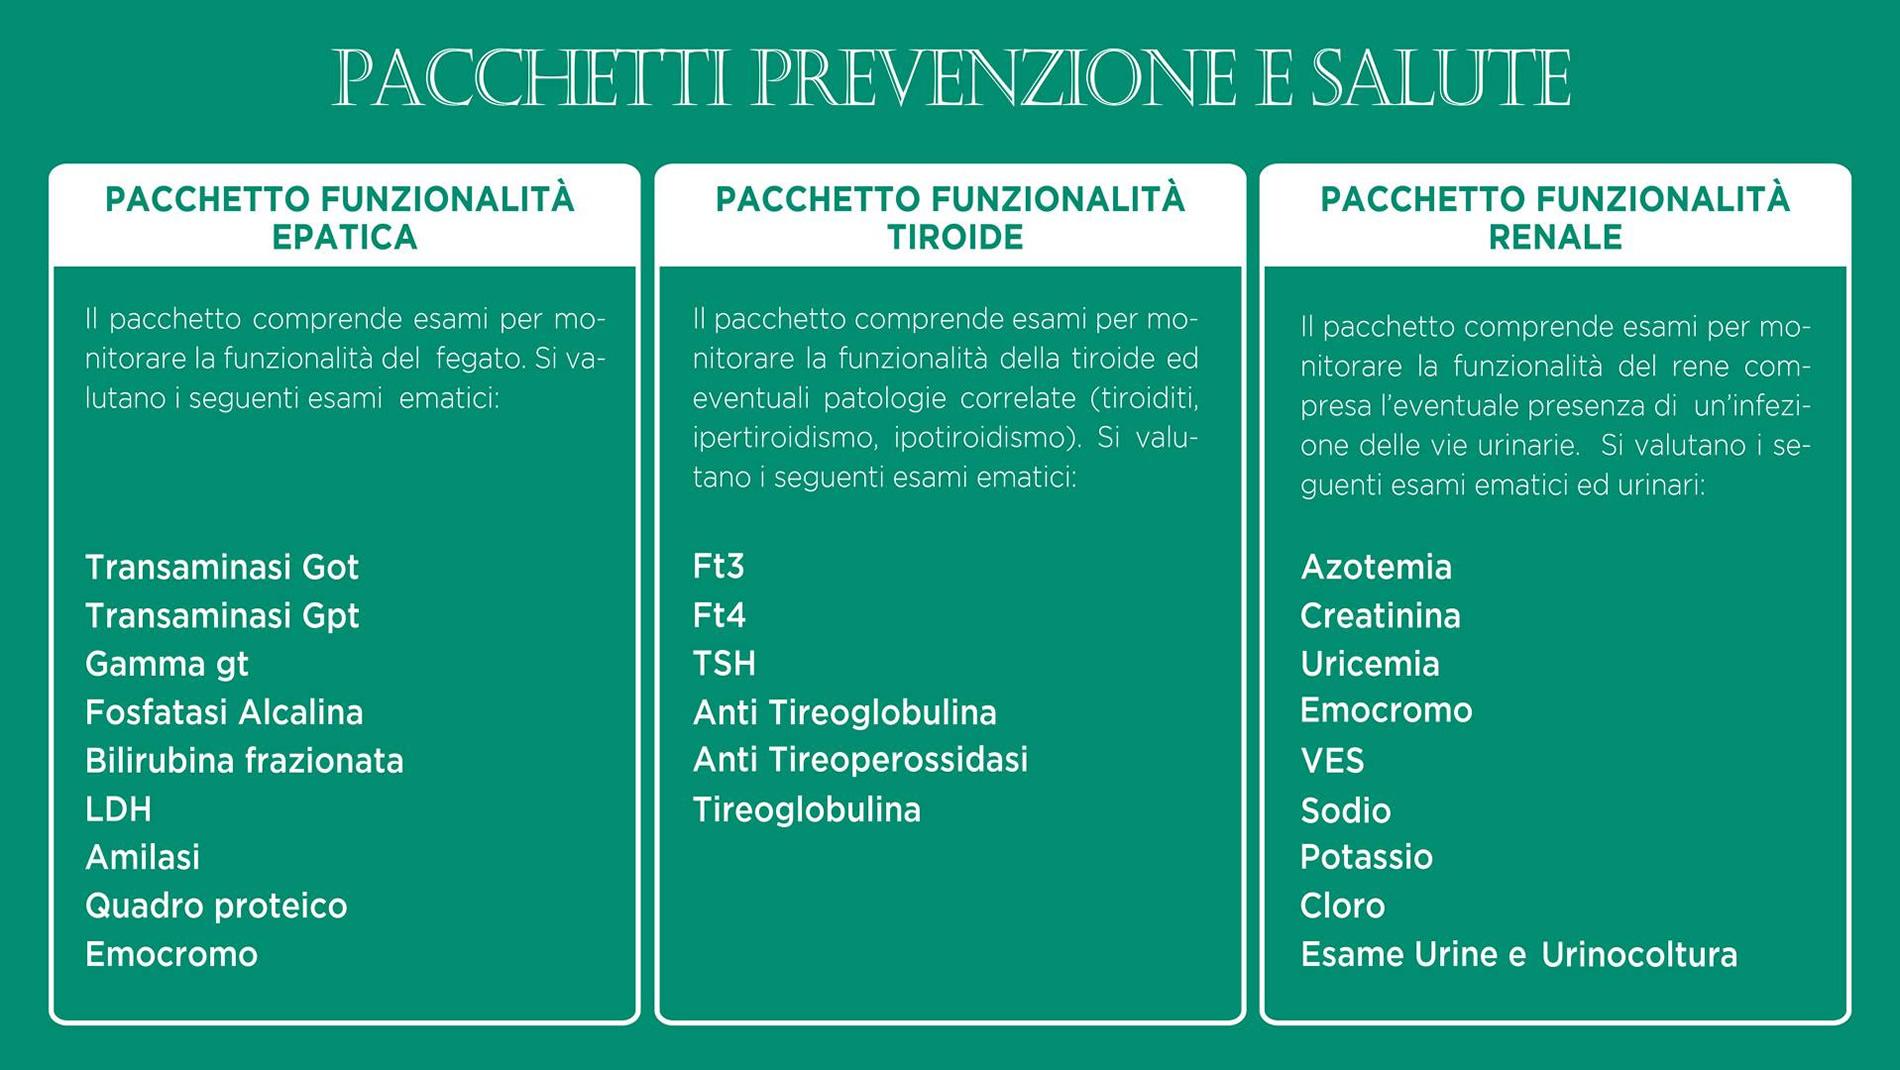 Pacchetto prevenzione e salute 1